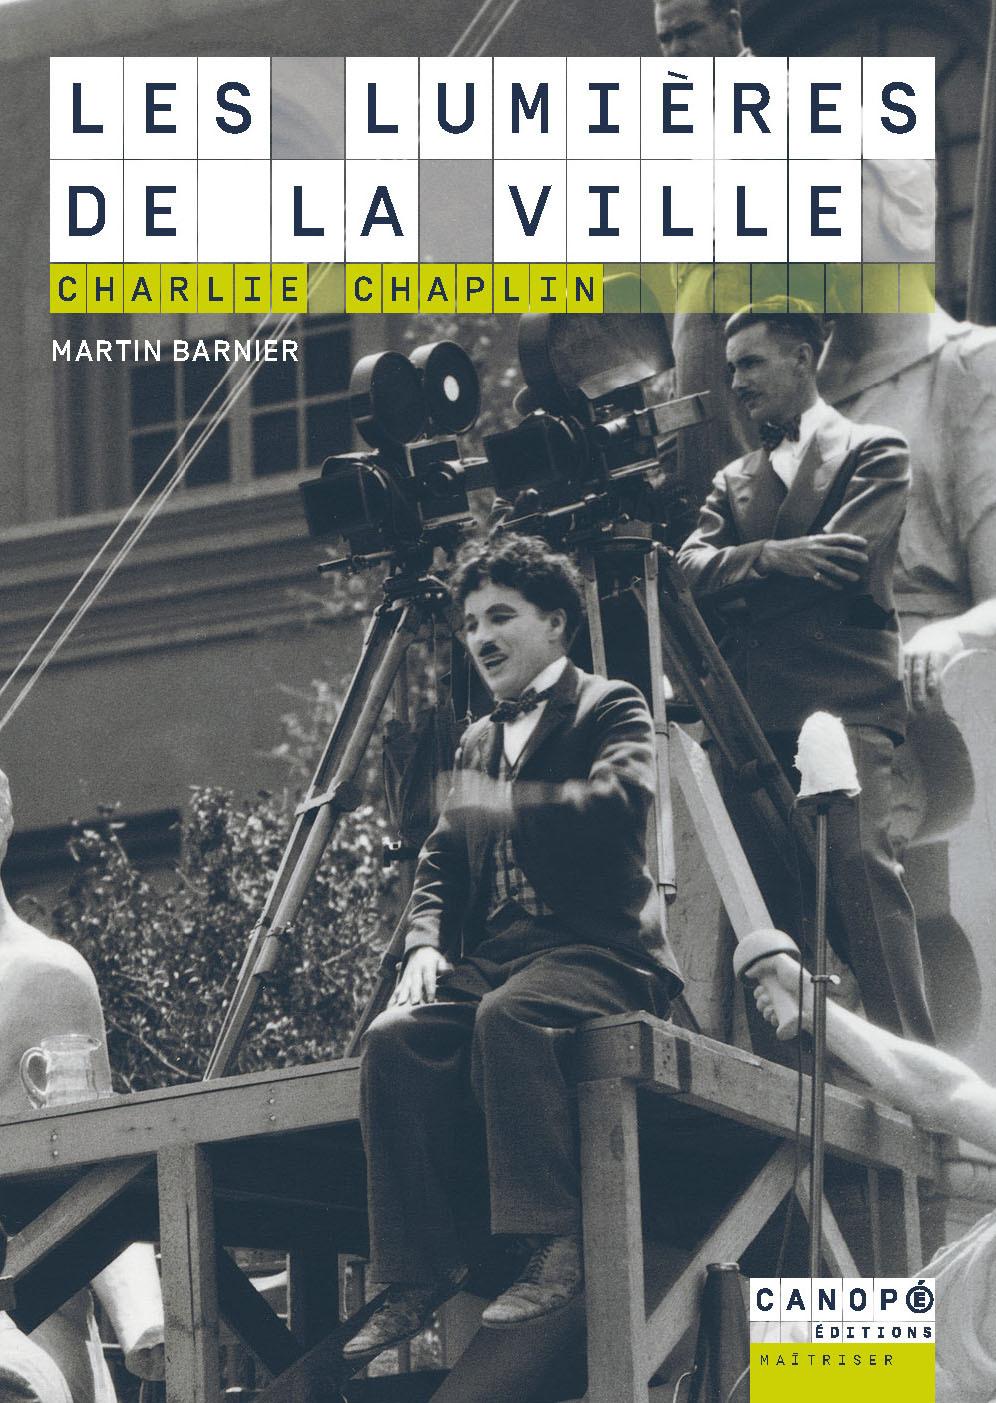 """""""LES LUMIERES DE LA VILLE"""" - CHARLIE CHAPLIN"""